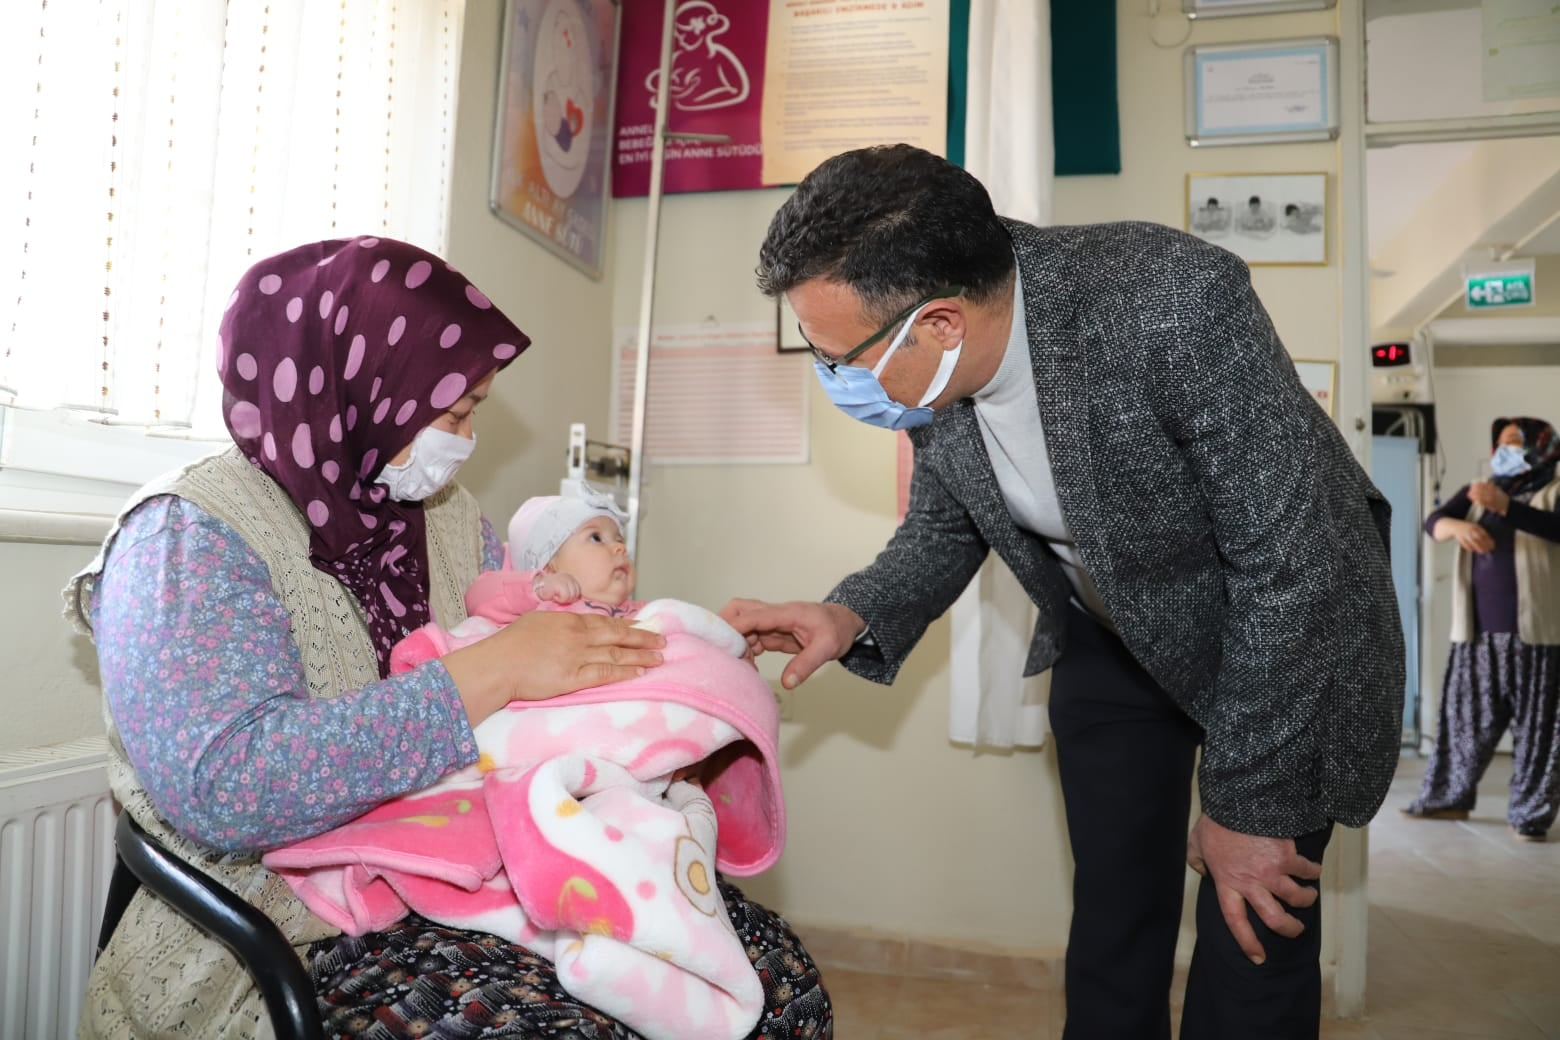 Tepeköy Mahalle muhtarımız Abdurrahman Malçok ile birlikte Sağlık Ocağı bahçesindeki kilit parke çalışmalarını yerinde inceleyerek hemşehrilerimizle selamlaştık.